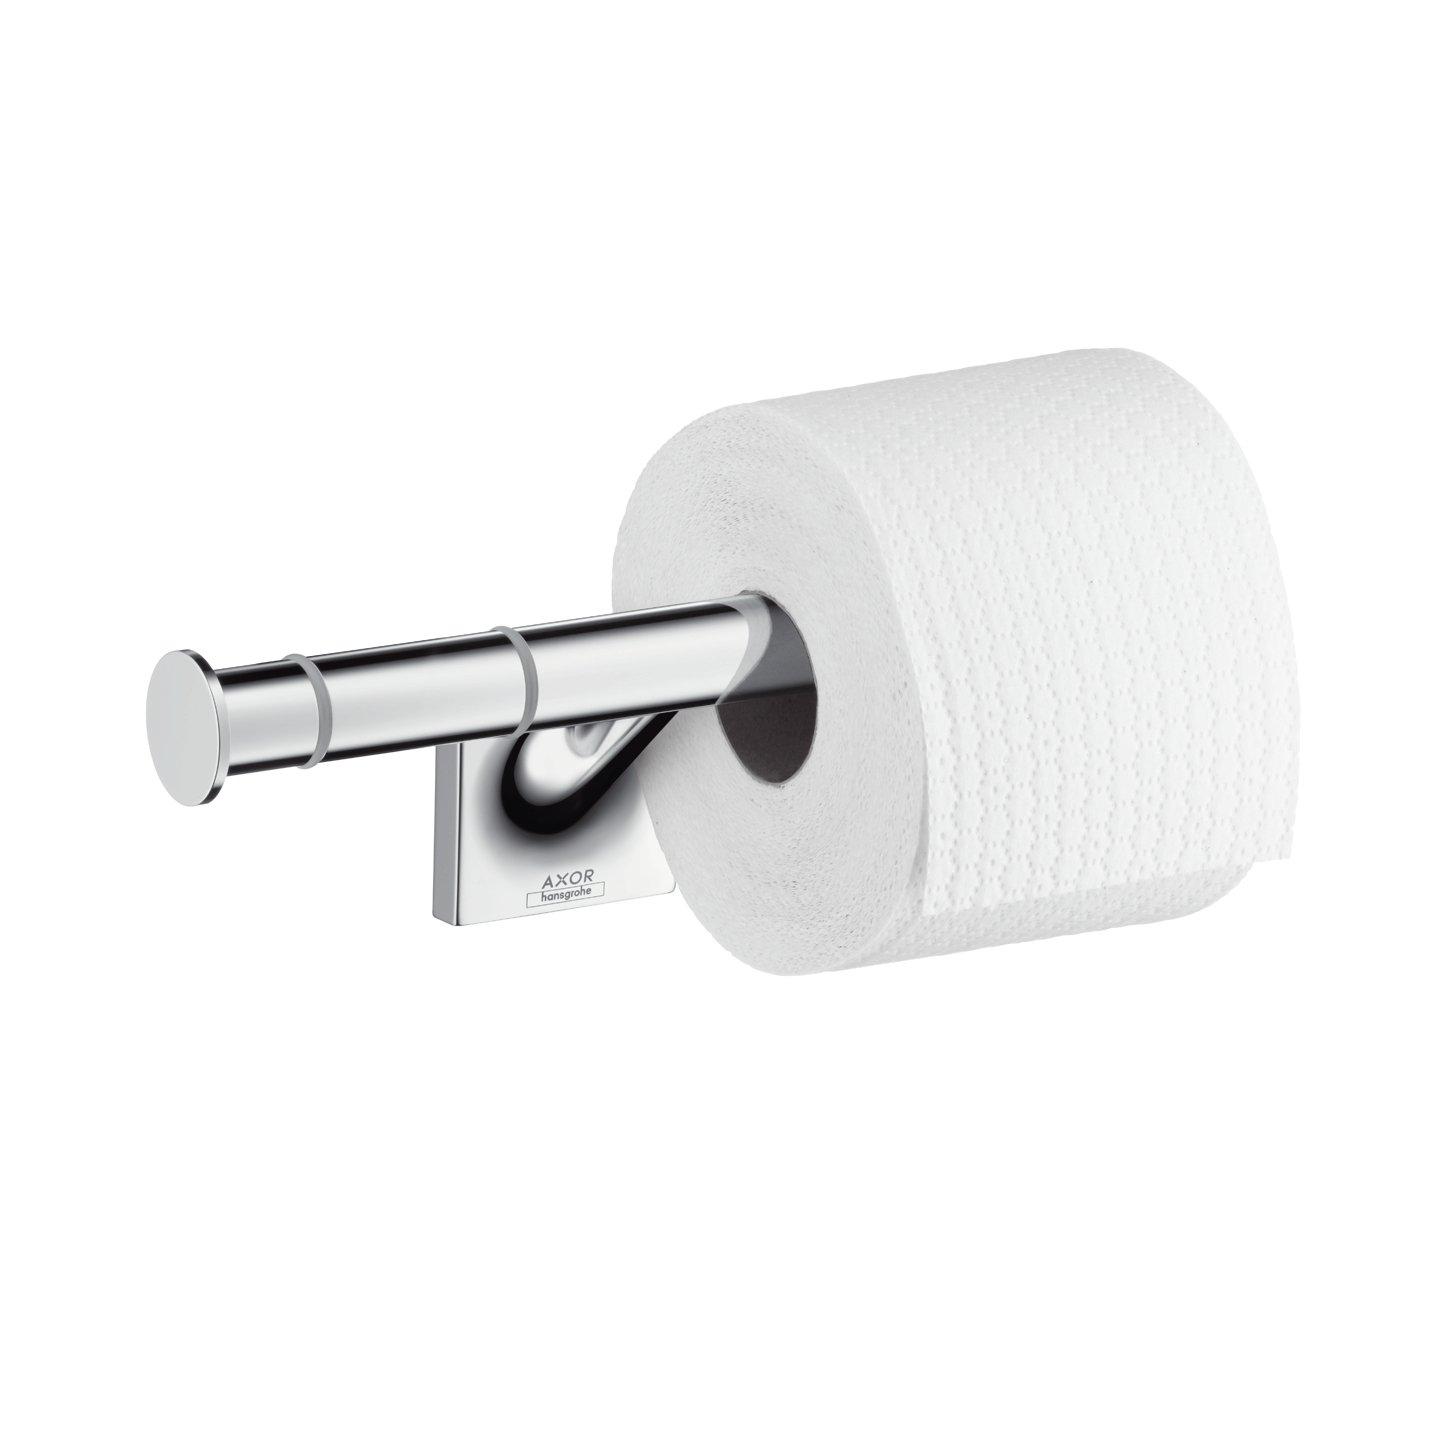 AXOR Axor 42736000 Starck Organic Toilet Paper Holder Chrome